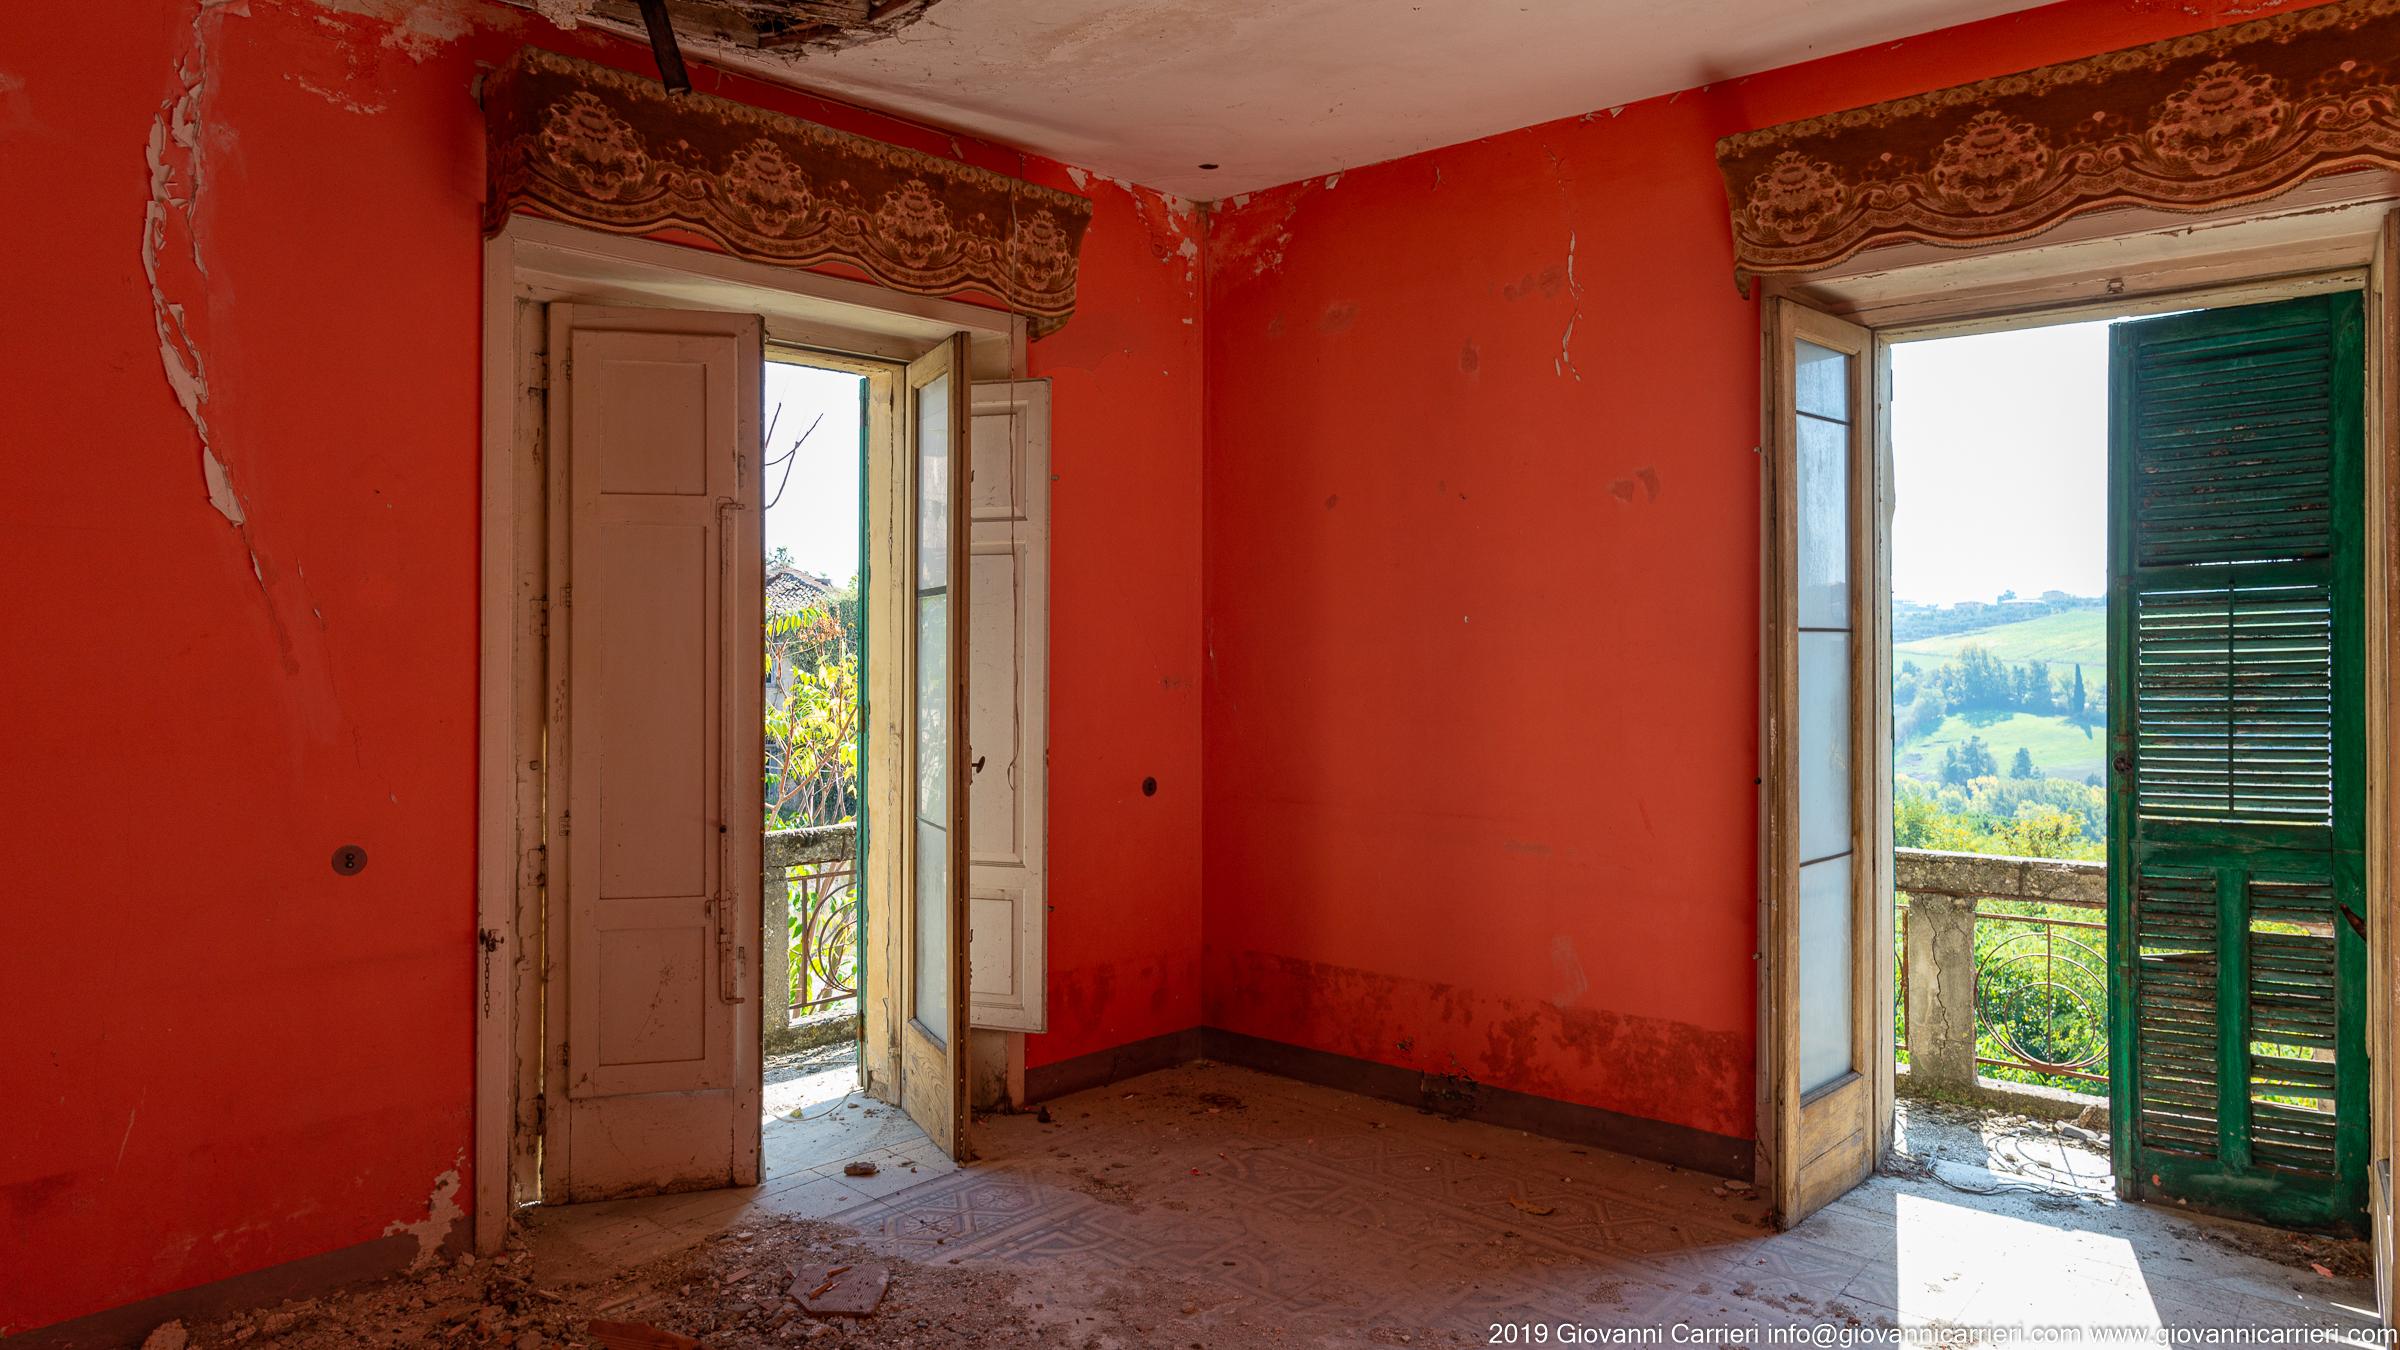 Una camera in una casa